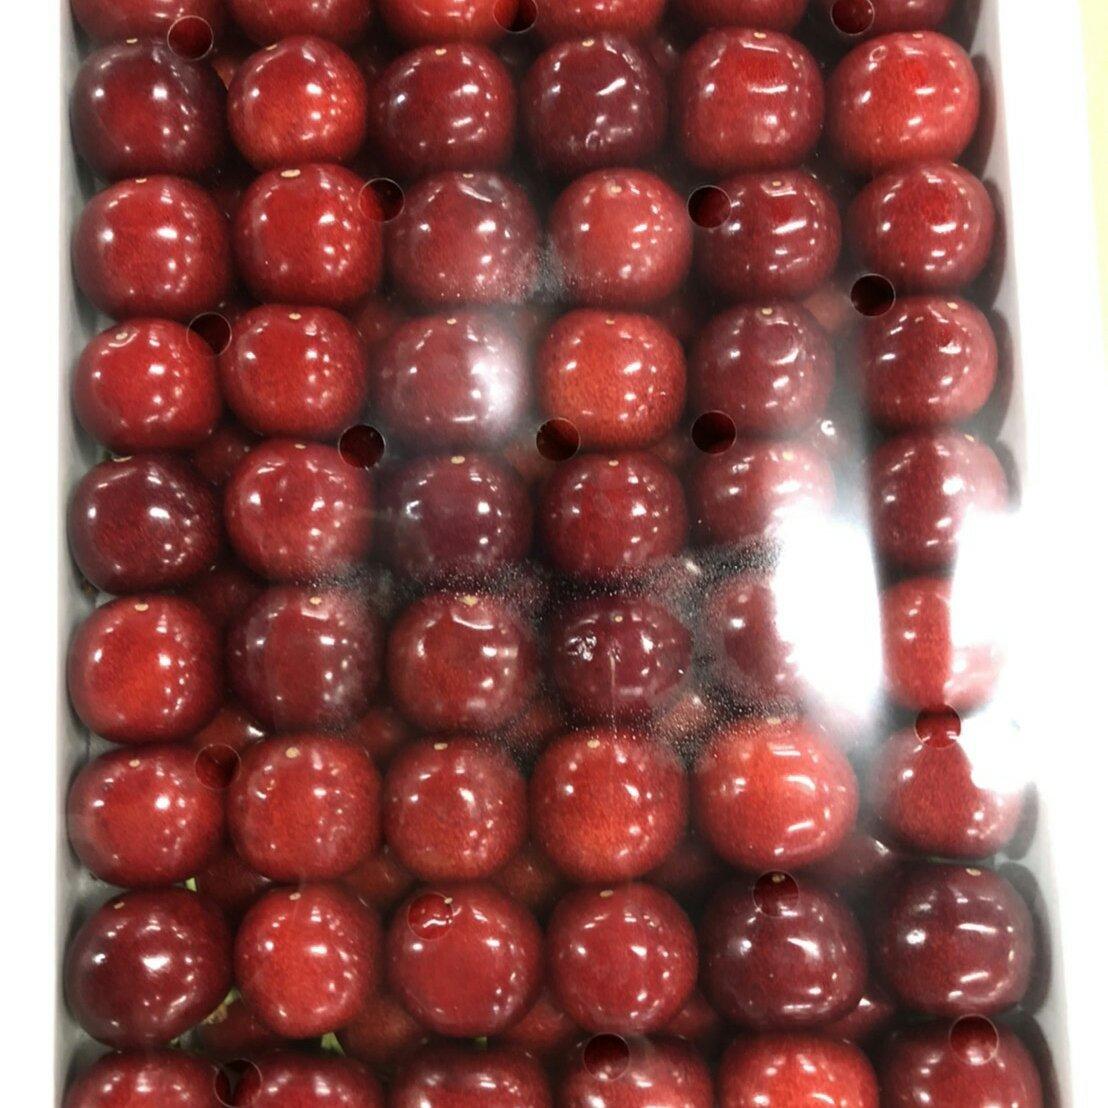 さくらんぼ500g+おまけvegetable 果物/さくらんぼ通販